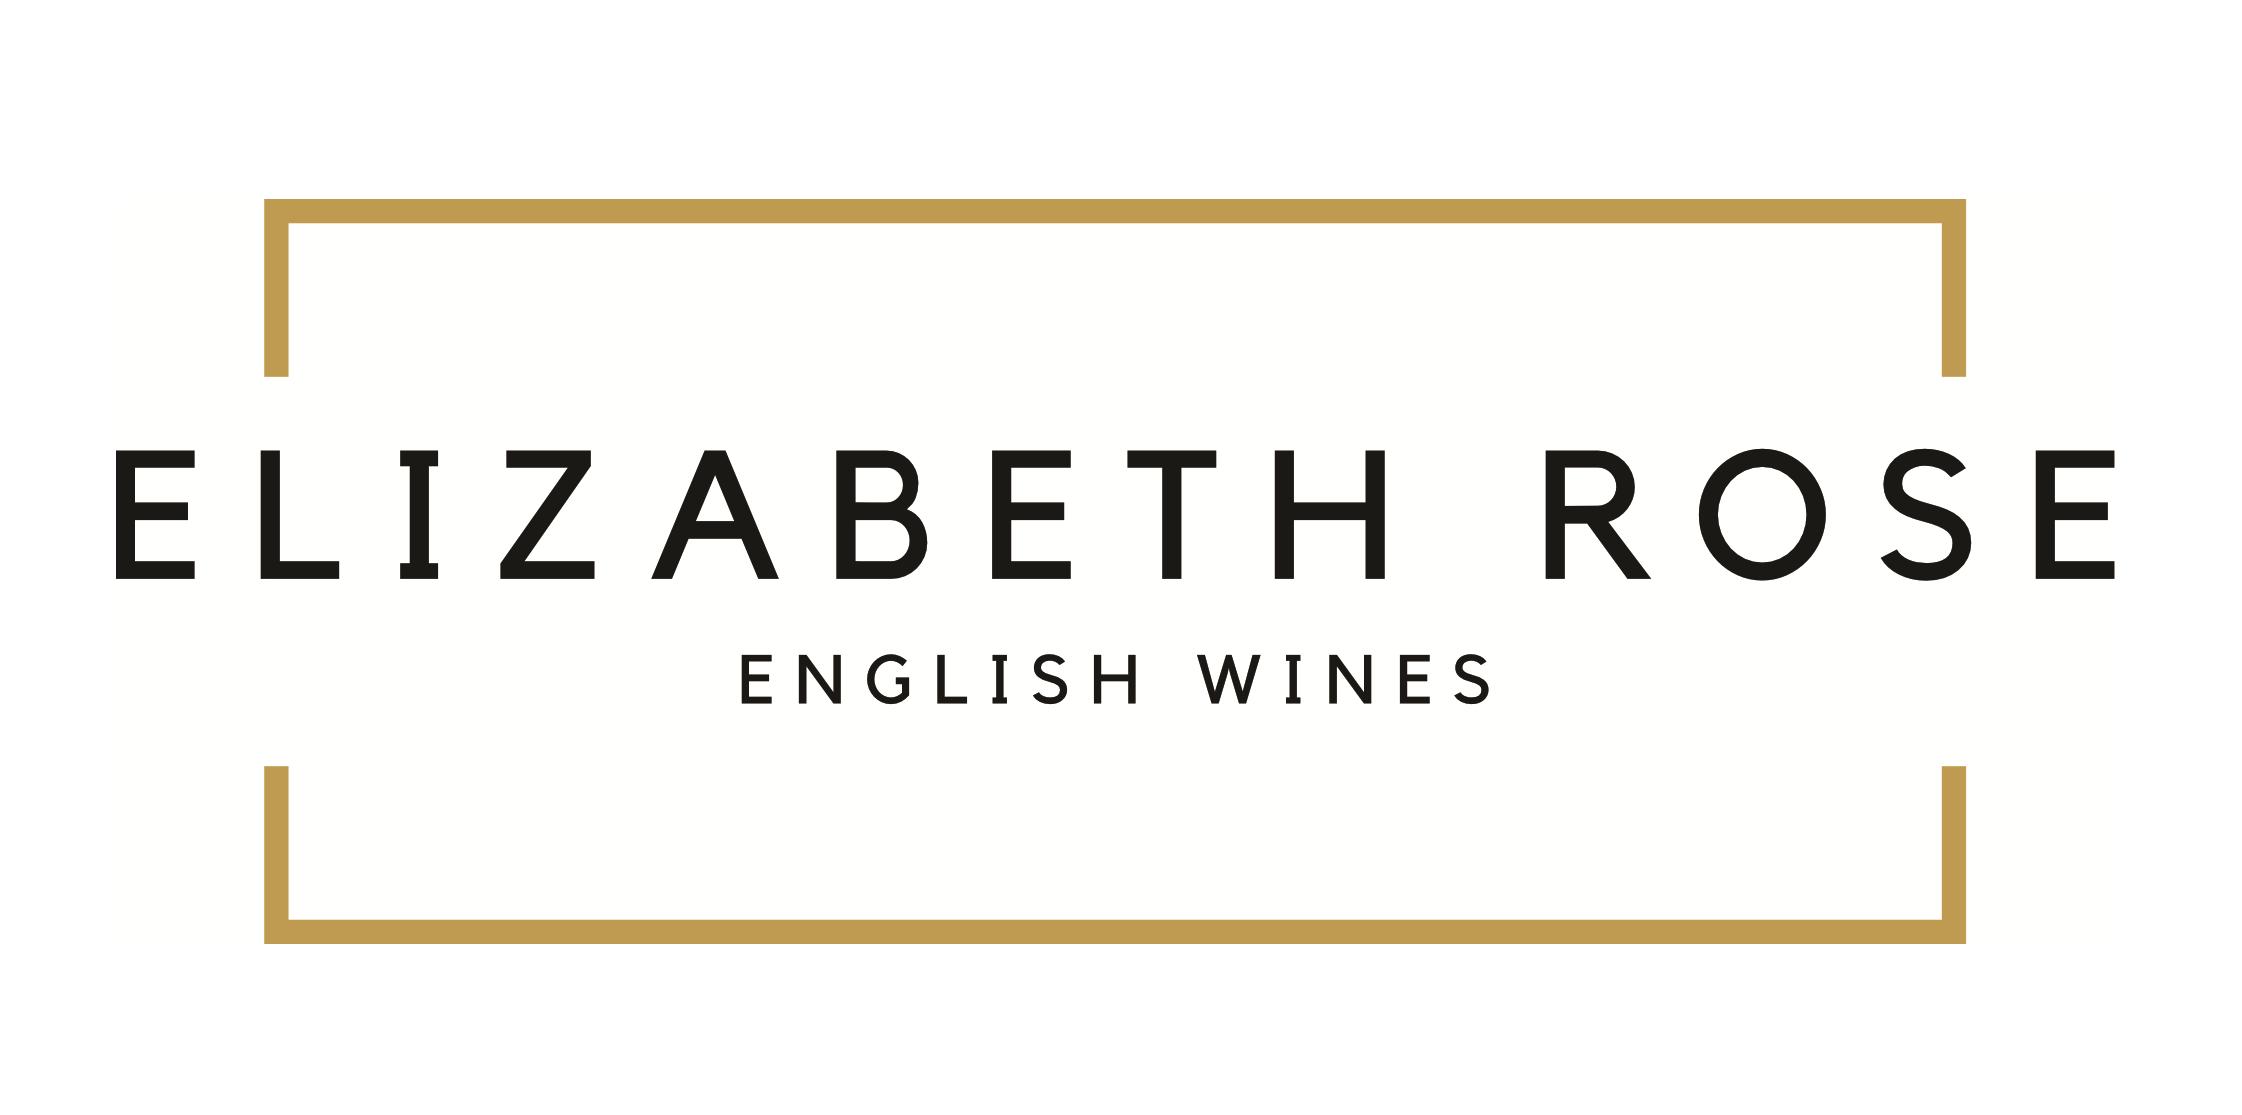 Elizabeth Rose English Wines